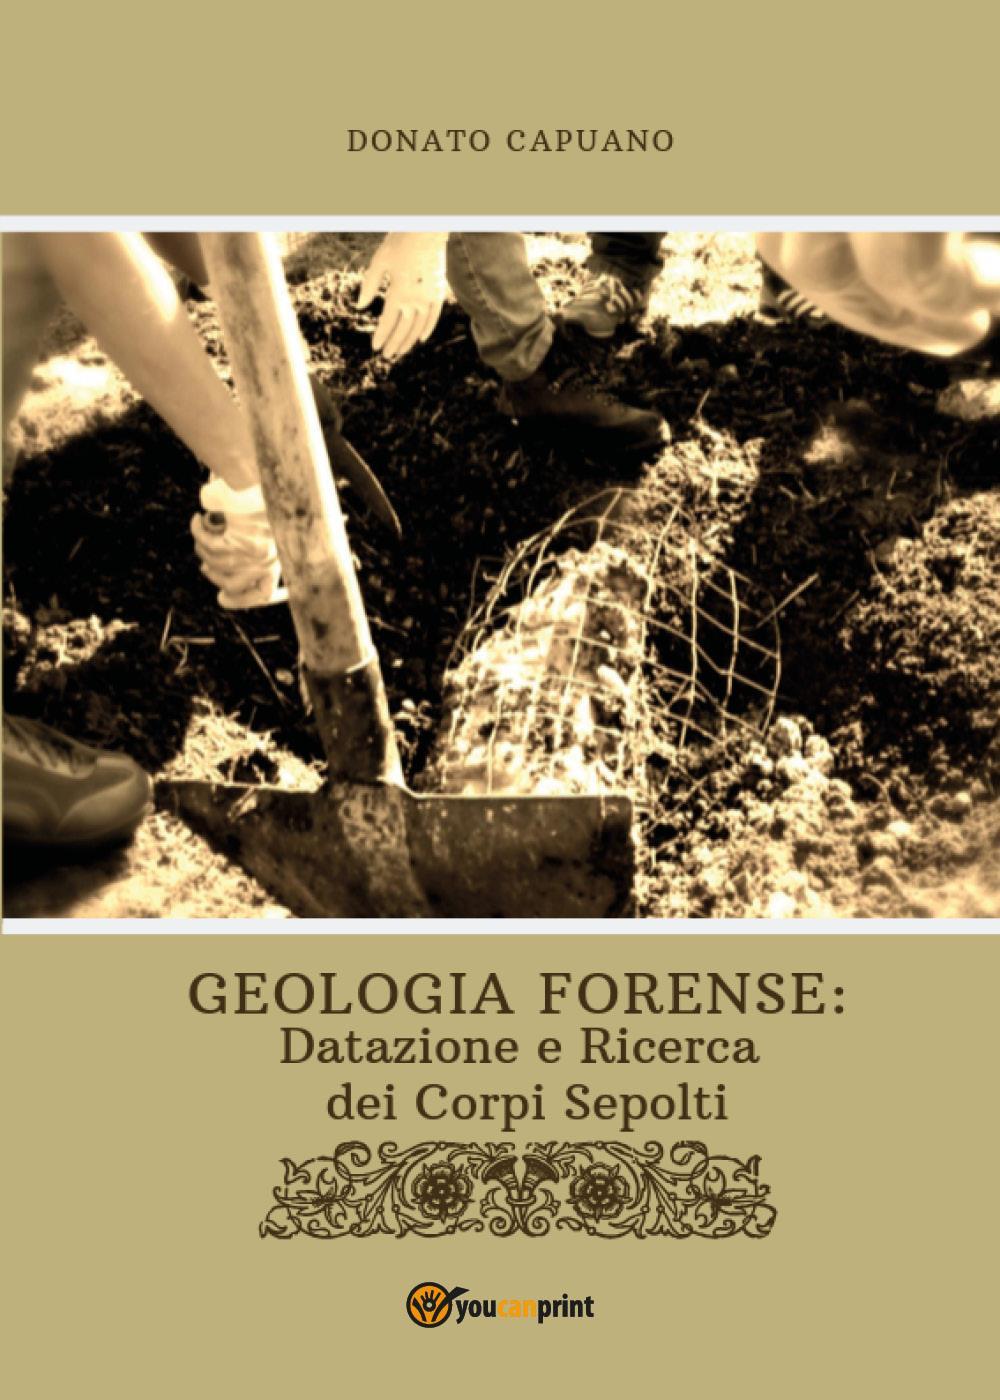 Geologia Forense: Datazione e Ricerca dei Corpi sepolti